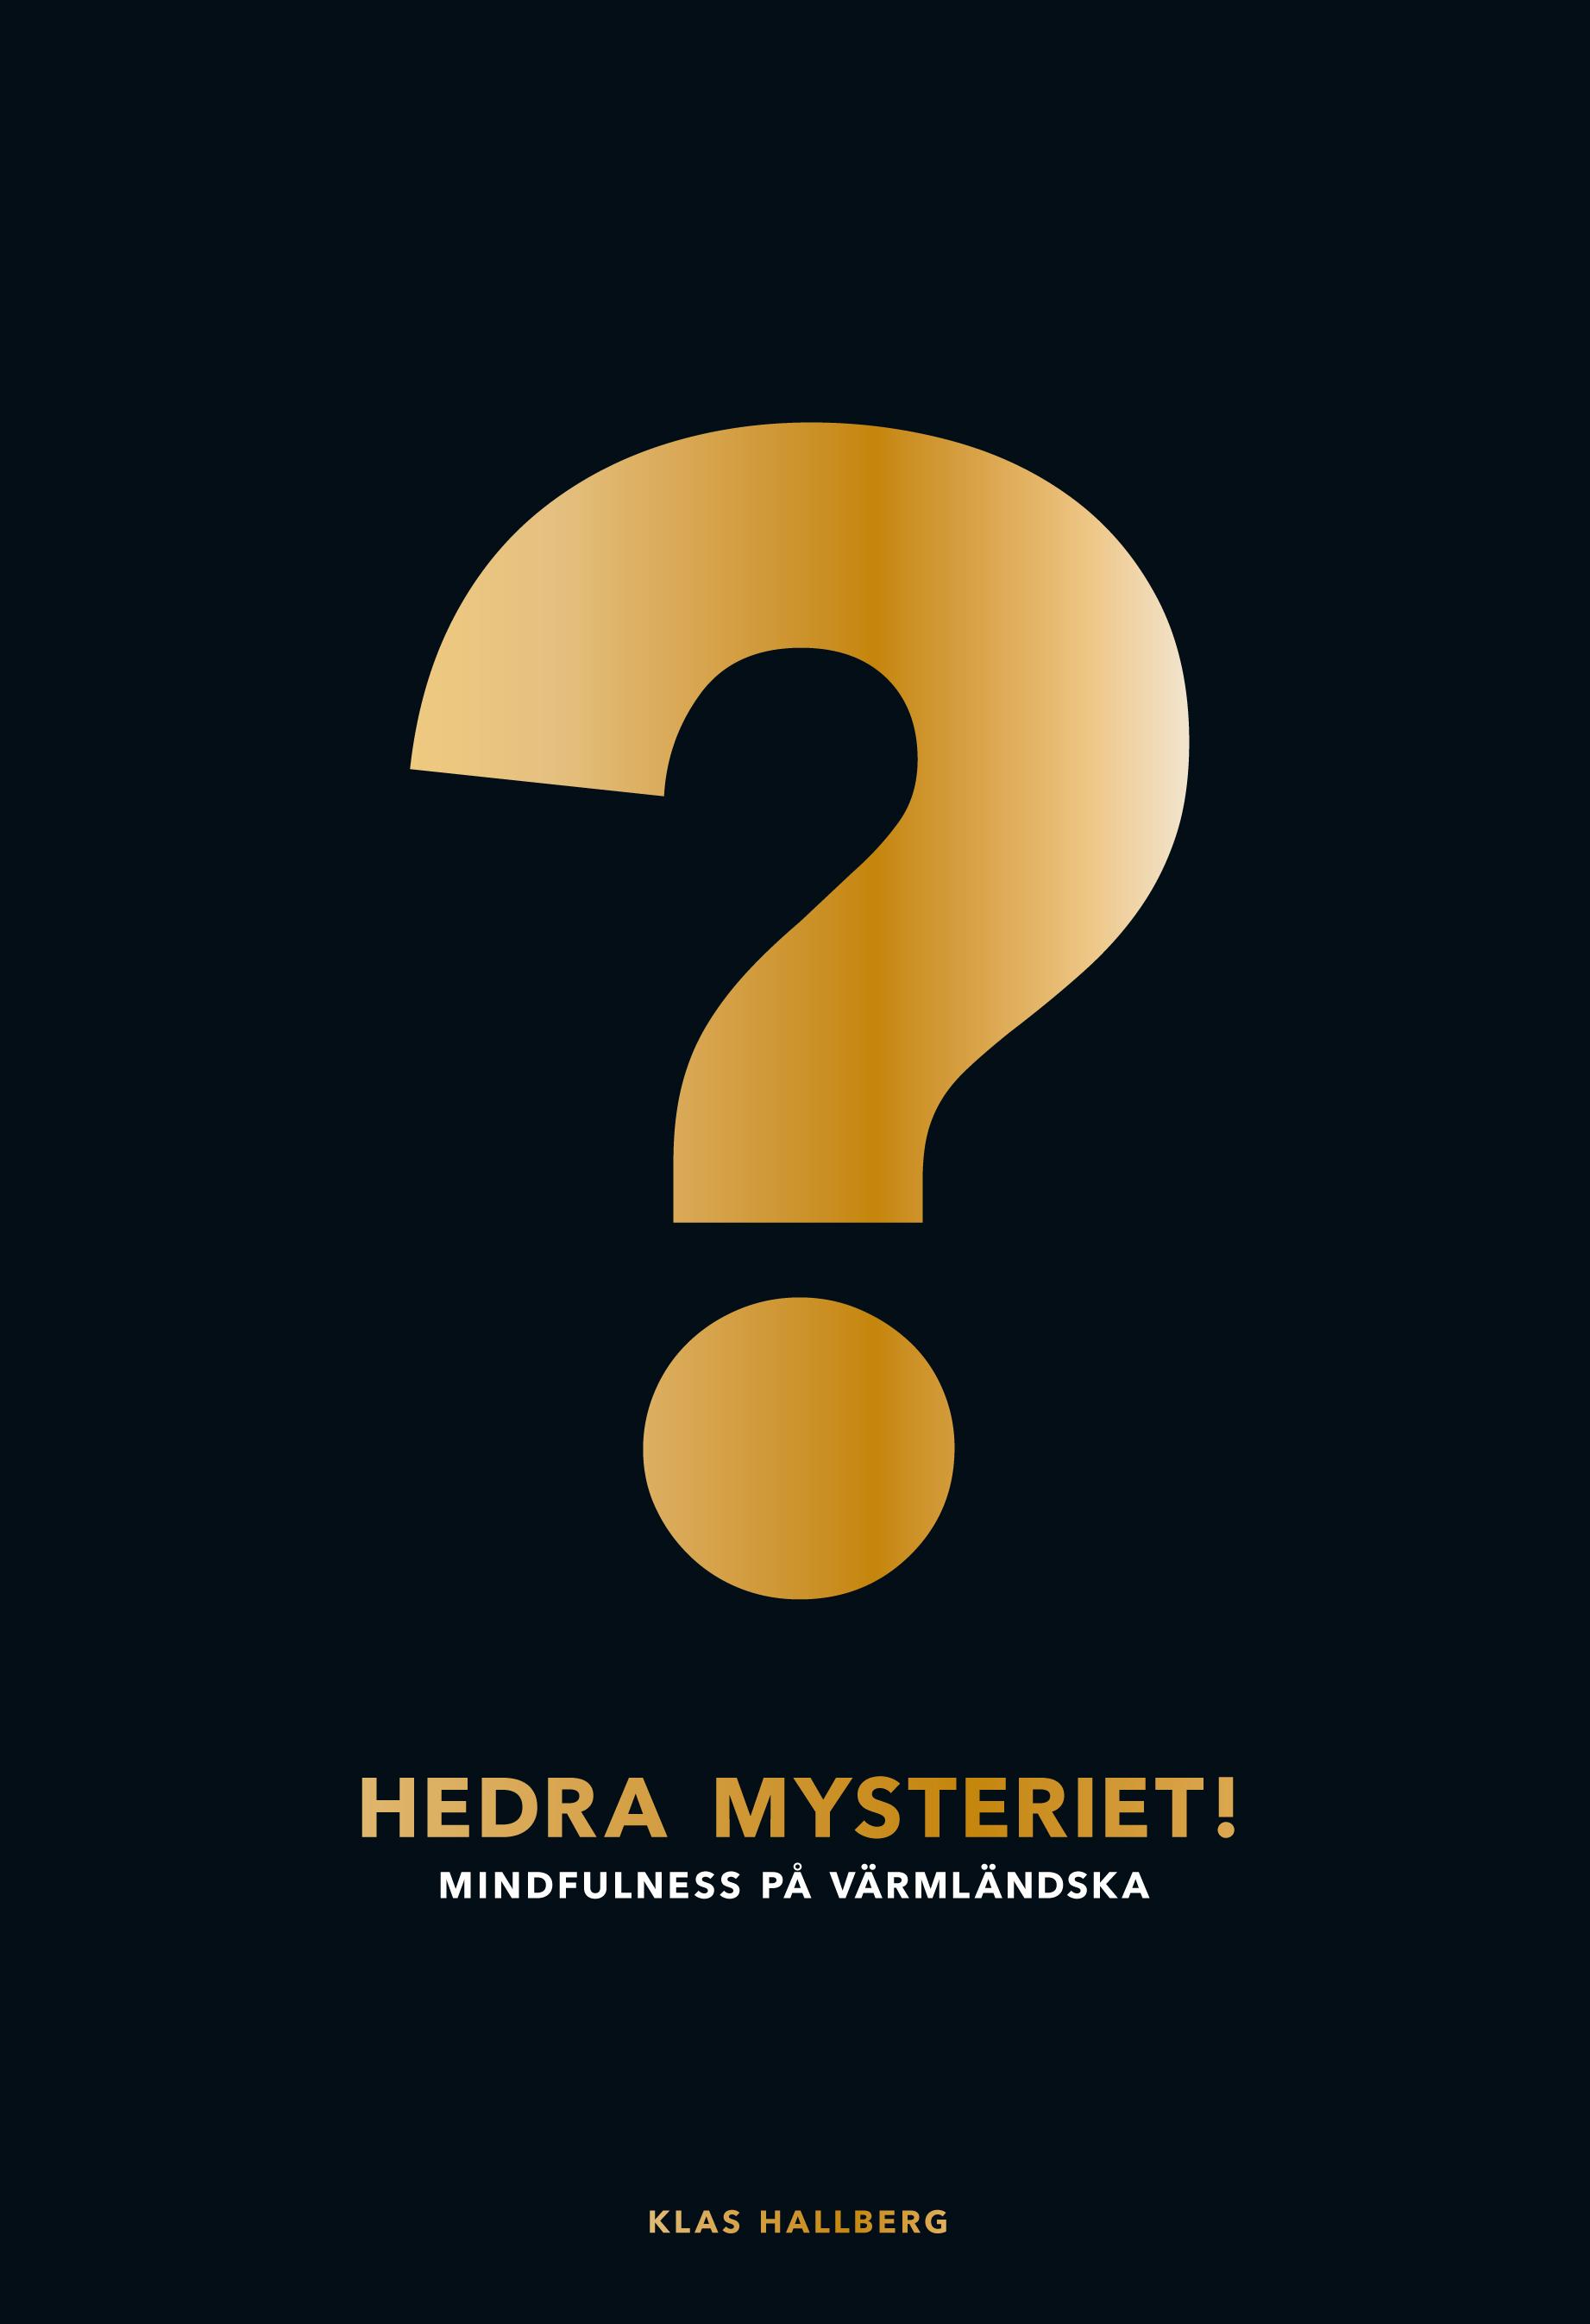 Hedra mysteriet! : mindfulness på värmländska av Klas Hallberg